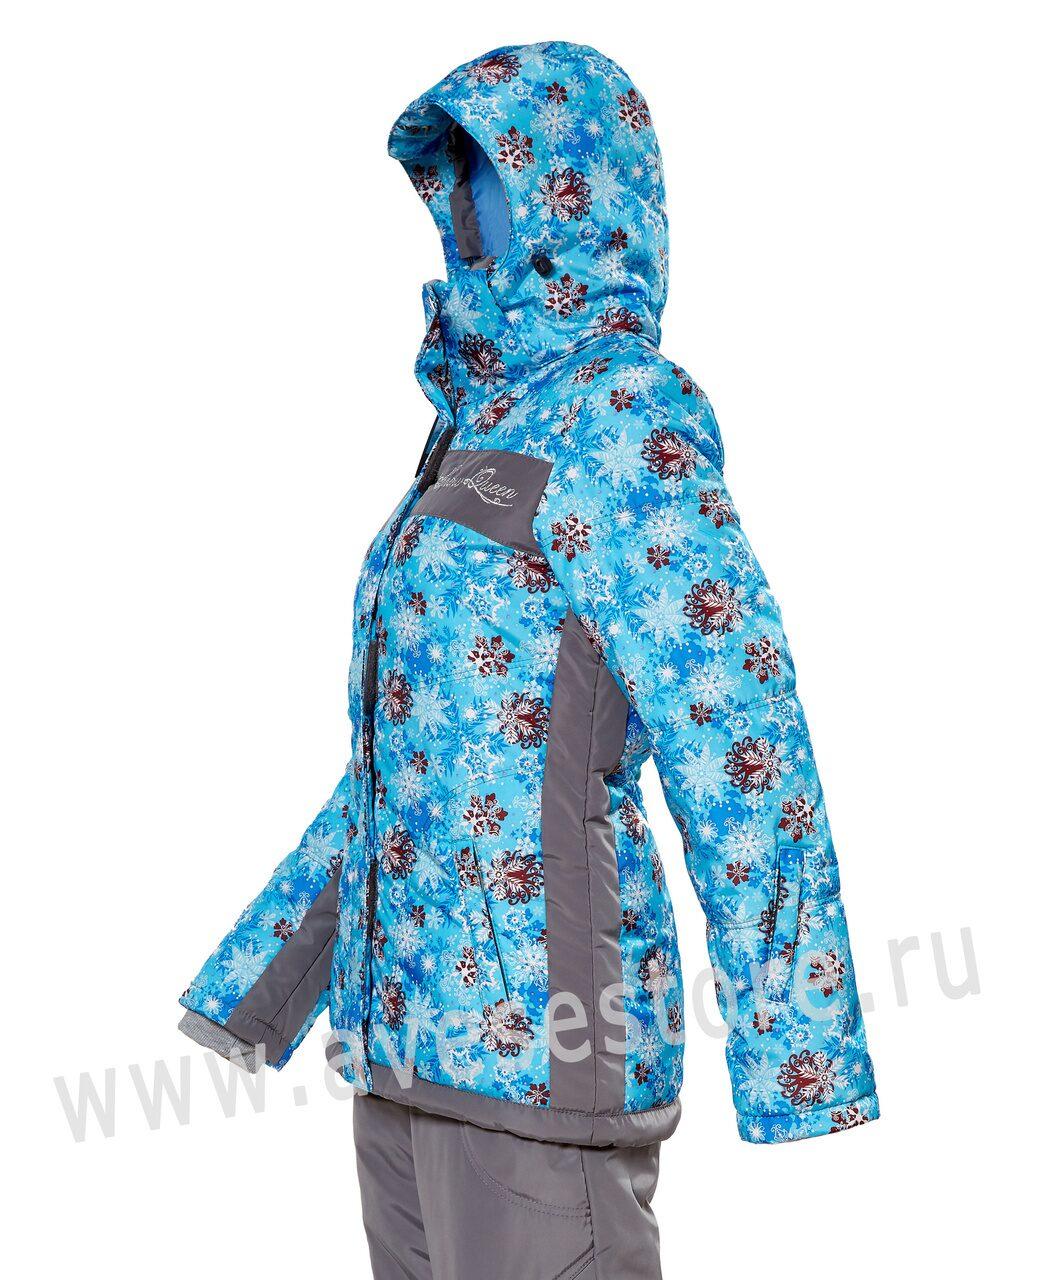 Берклайн эксклюзив одежда больших размеров